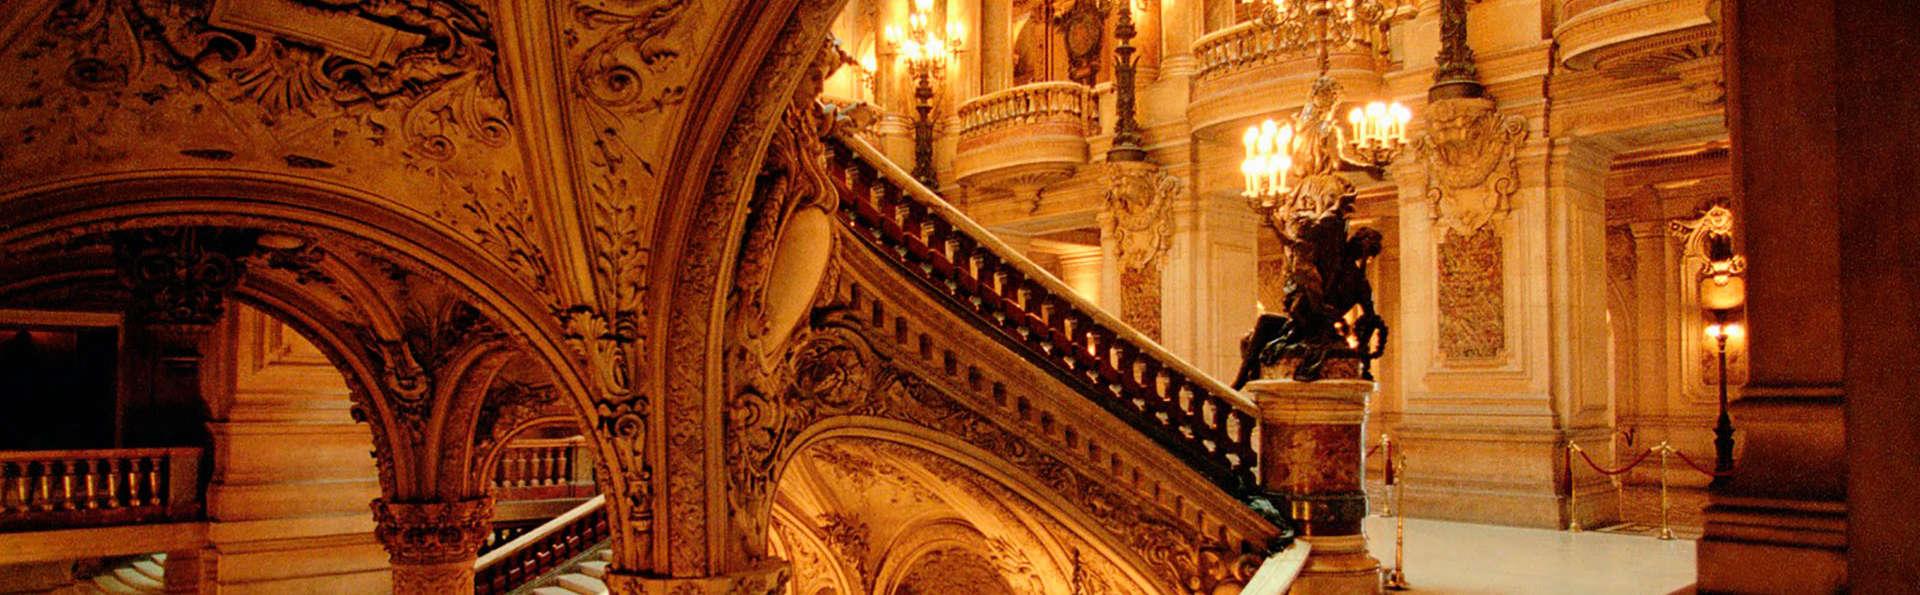 Week-end découverte à Paris avec visite guidée de l'Opéra Garnier